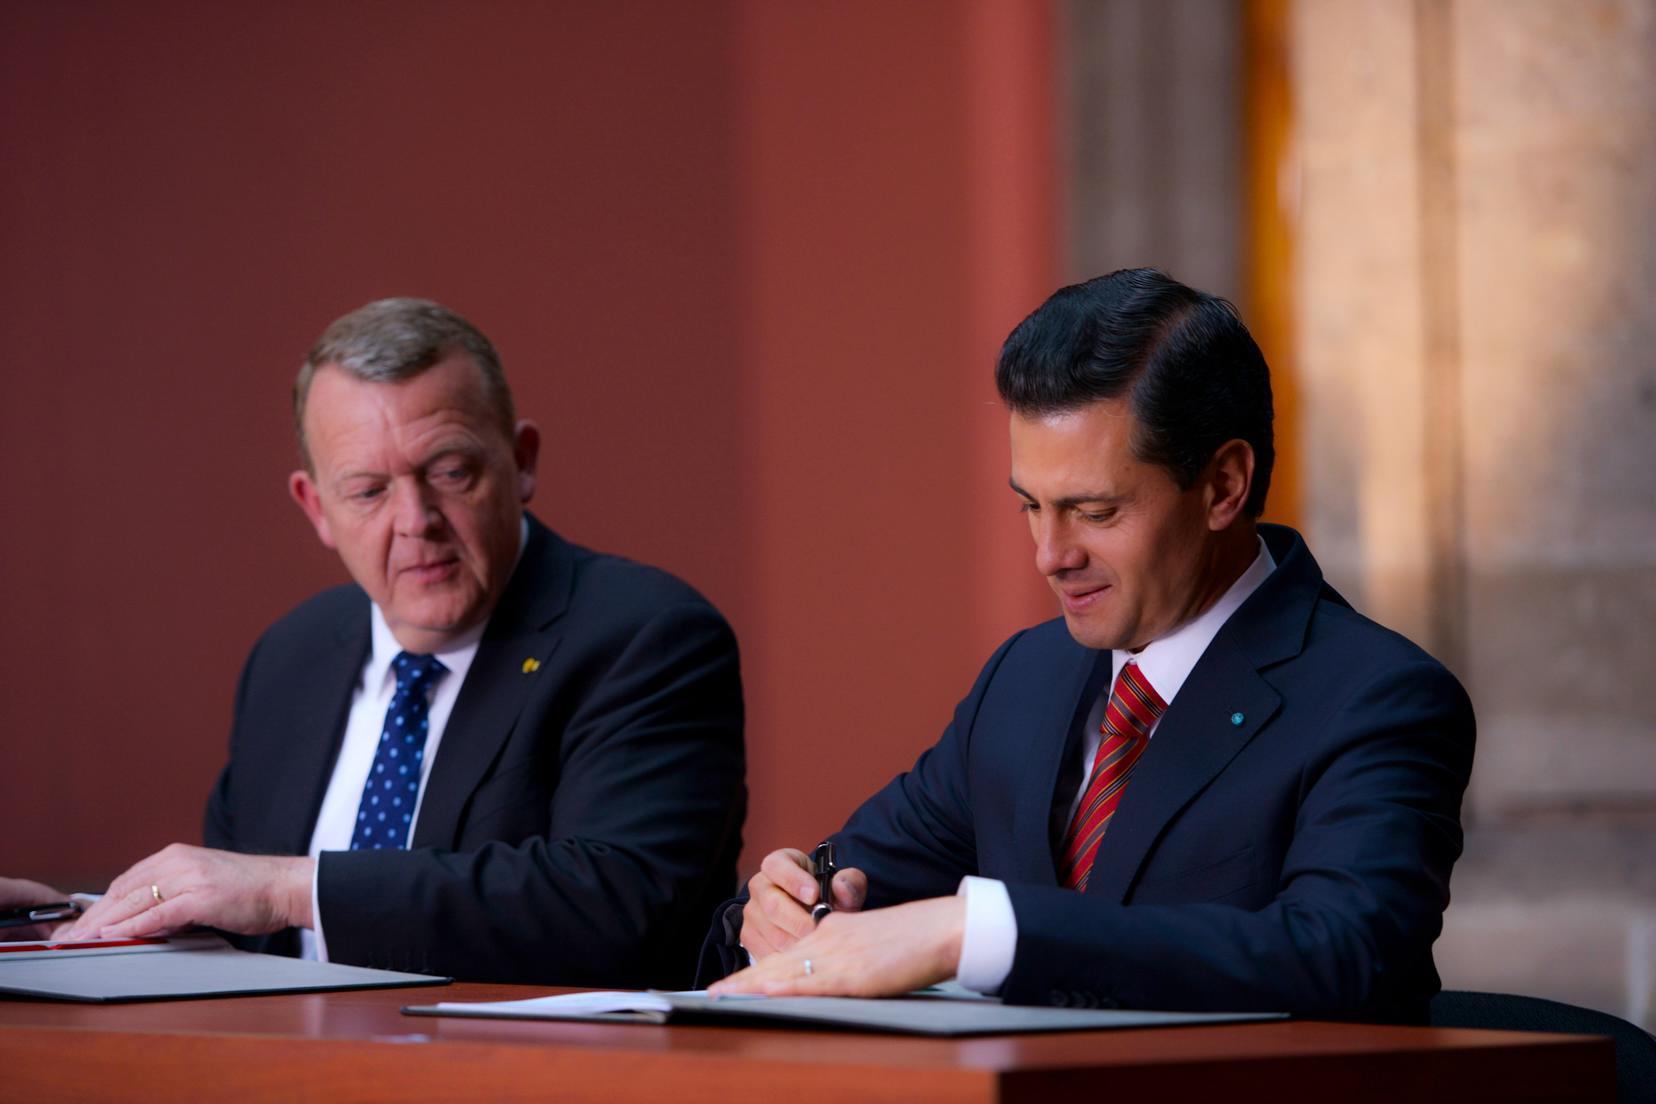 Con objeto de impulsar el crecimiento económico en sus respectivos países, los Líderes se comprometieron a incrementar sustancialmente las relaciones bilaterales en los próximos años.